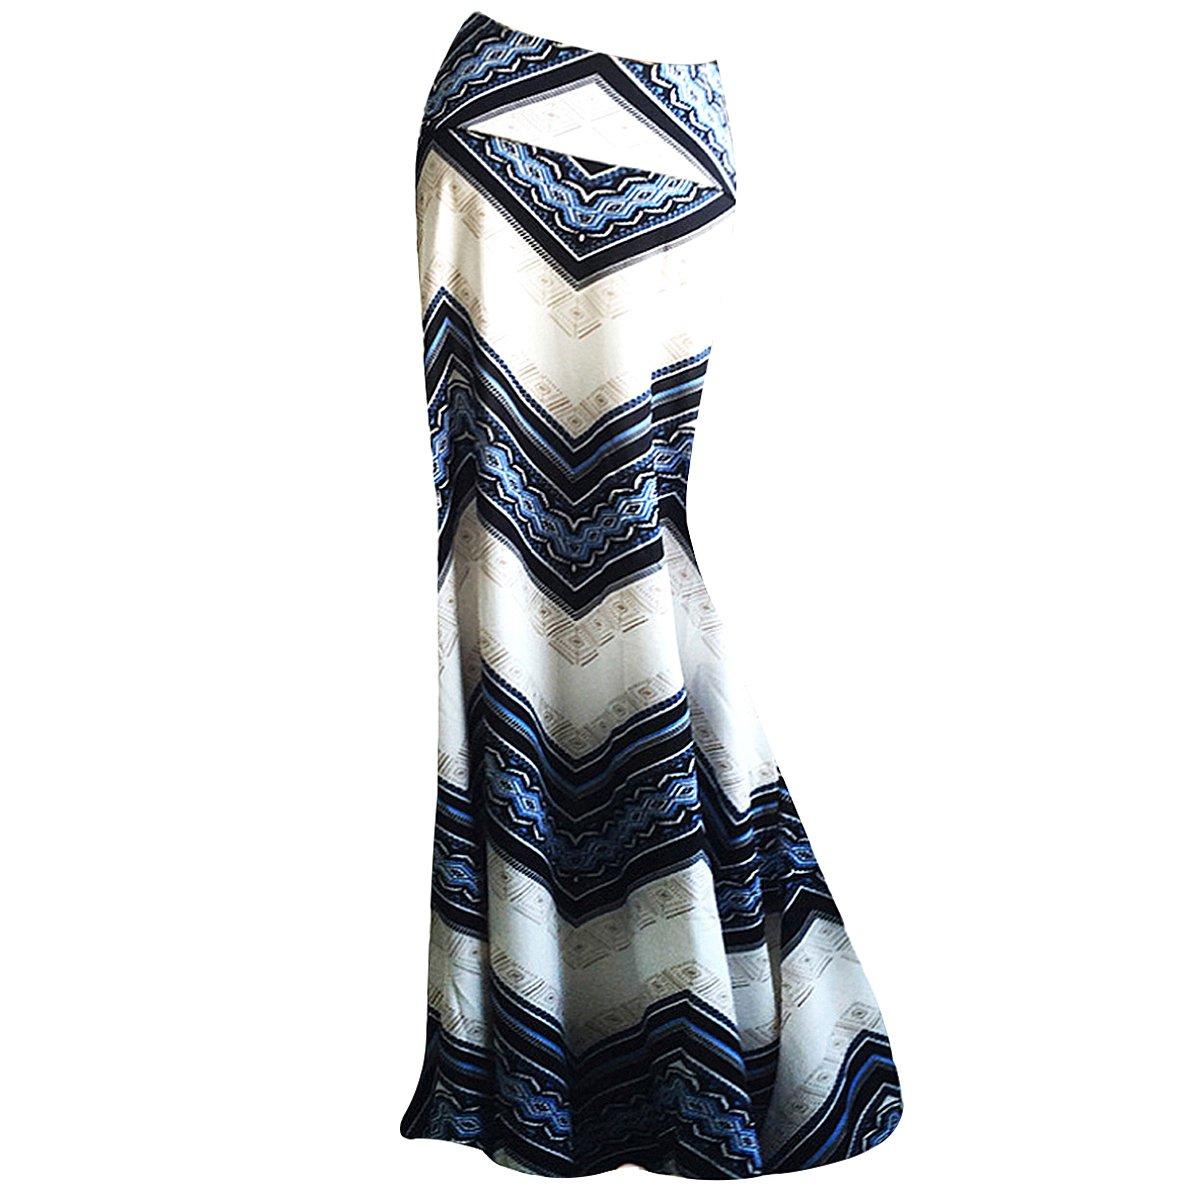 Editha Women Floral Print Maxi Long Skirt High Waist Floor Length Skirt Full Skirt Summer Beach Skirts 103 Blue Ripple XL